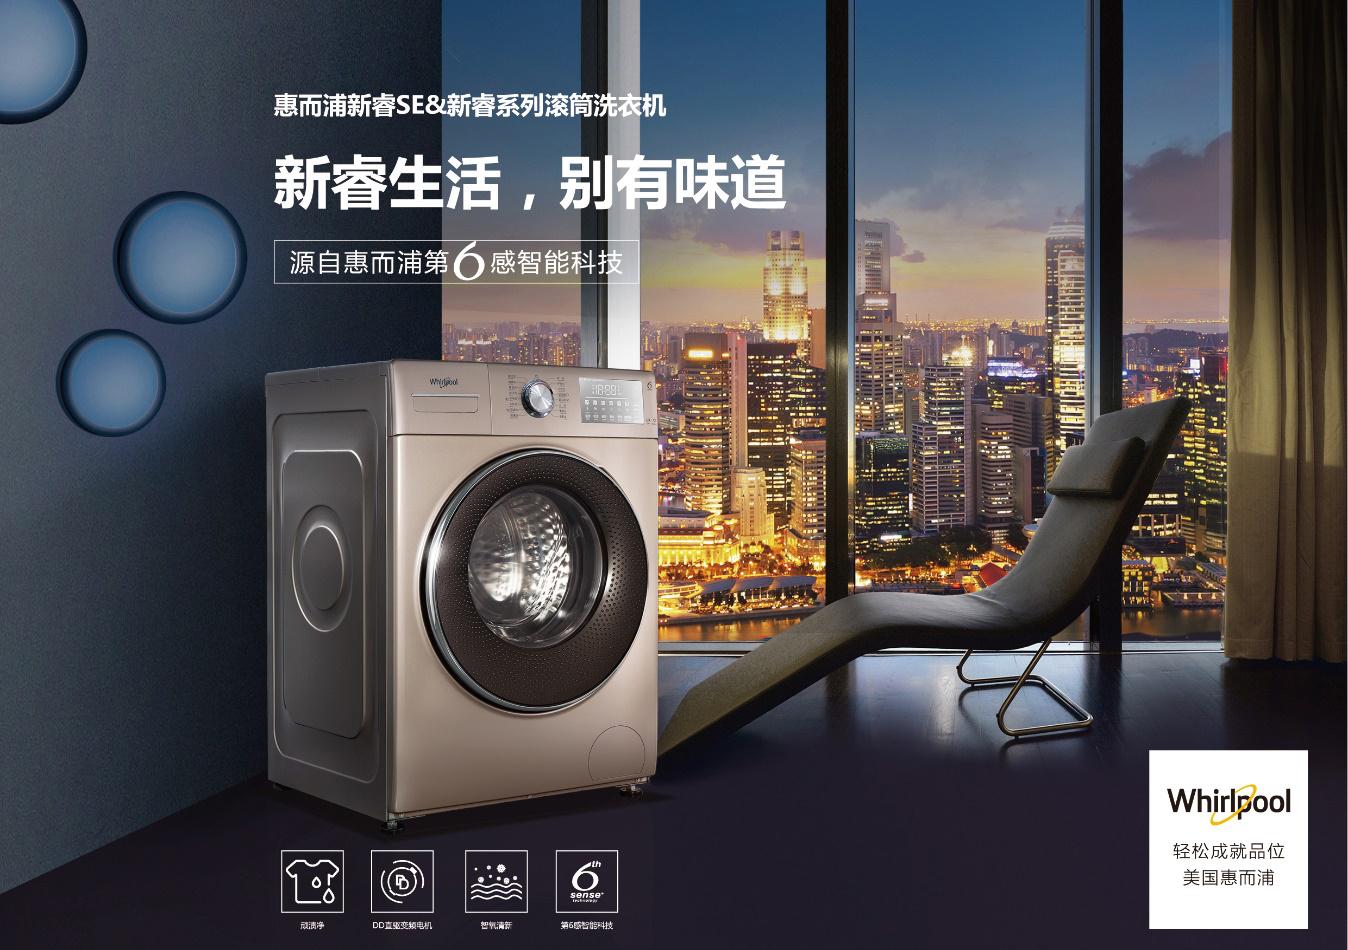 惠而浦:品牌、产品多向布局,在消费升级趋势中勇于前行